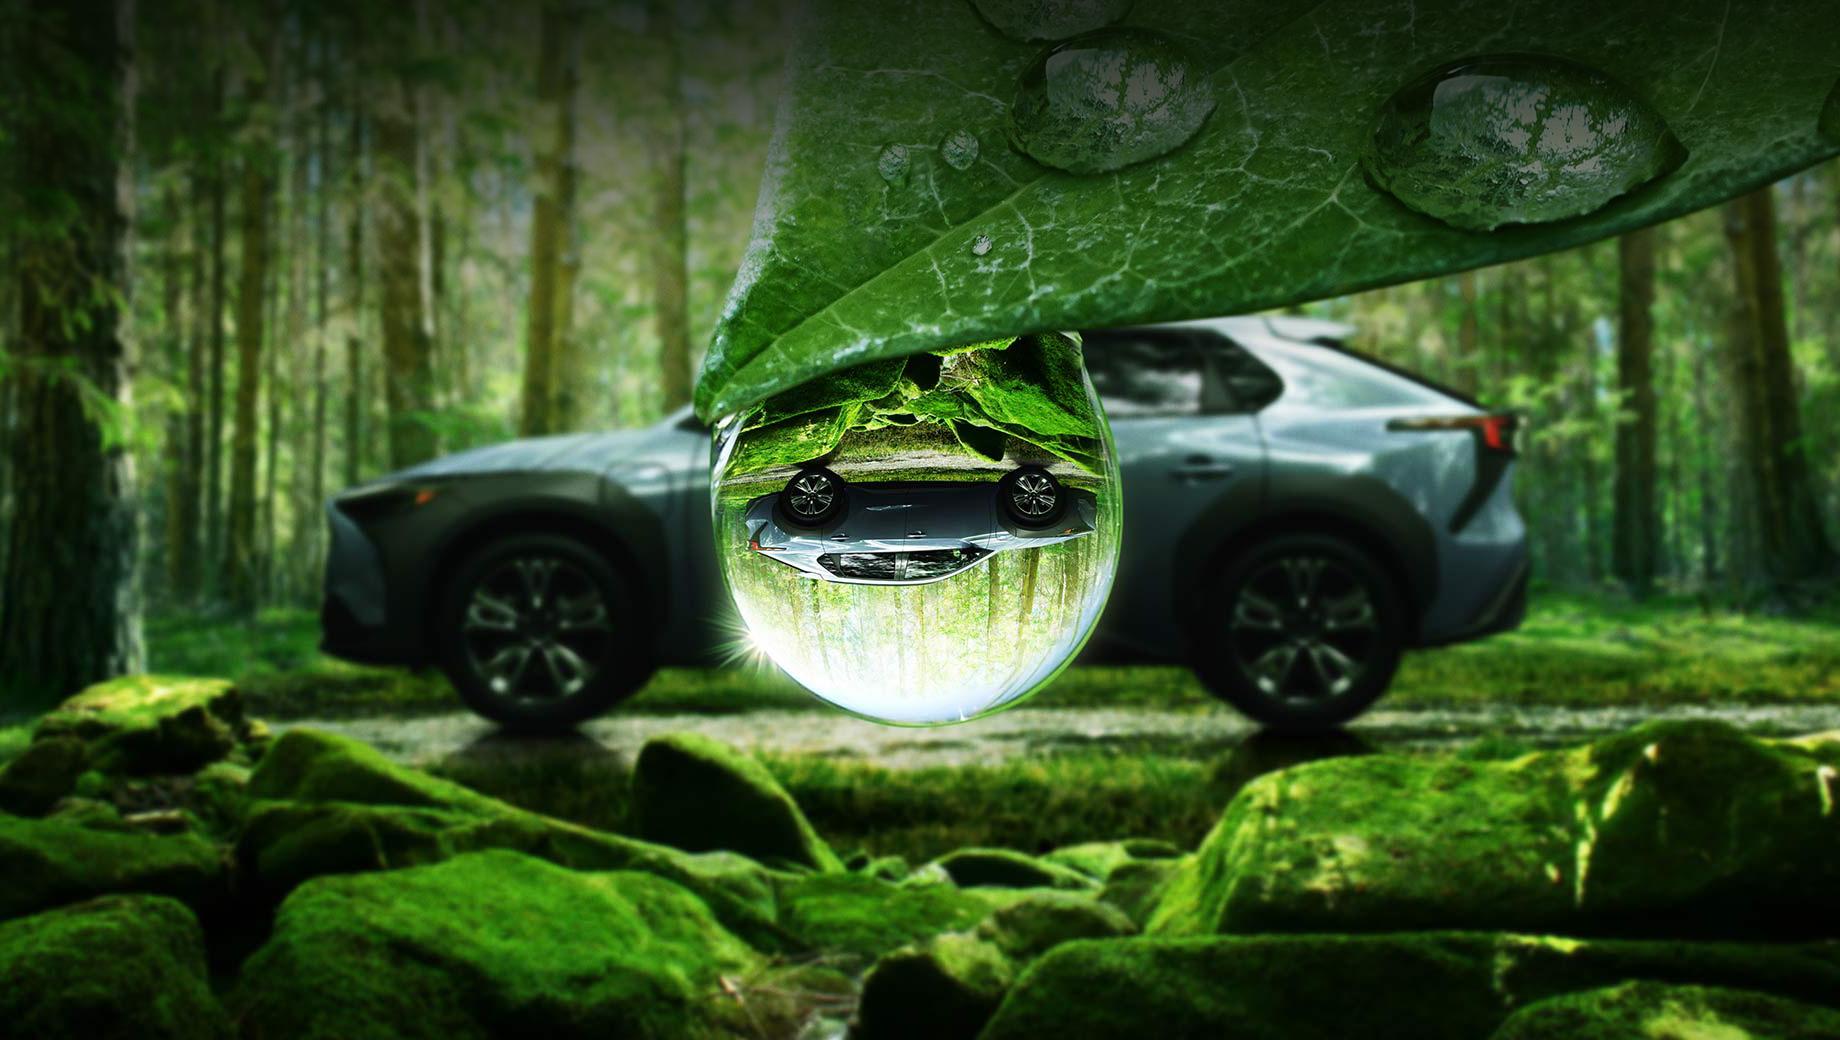 Subaru solterra. От первого безымянного концепта 2020 года, предвещавшего батарейный кроссовер Subaru, тут почти ничего не осталось. Похожи задняя стойка и выделенные чёрным угловатые расширители колёсных арок.